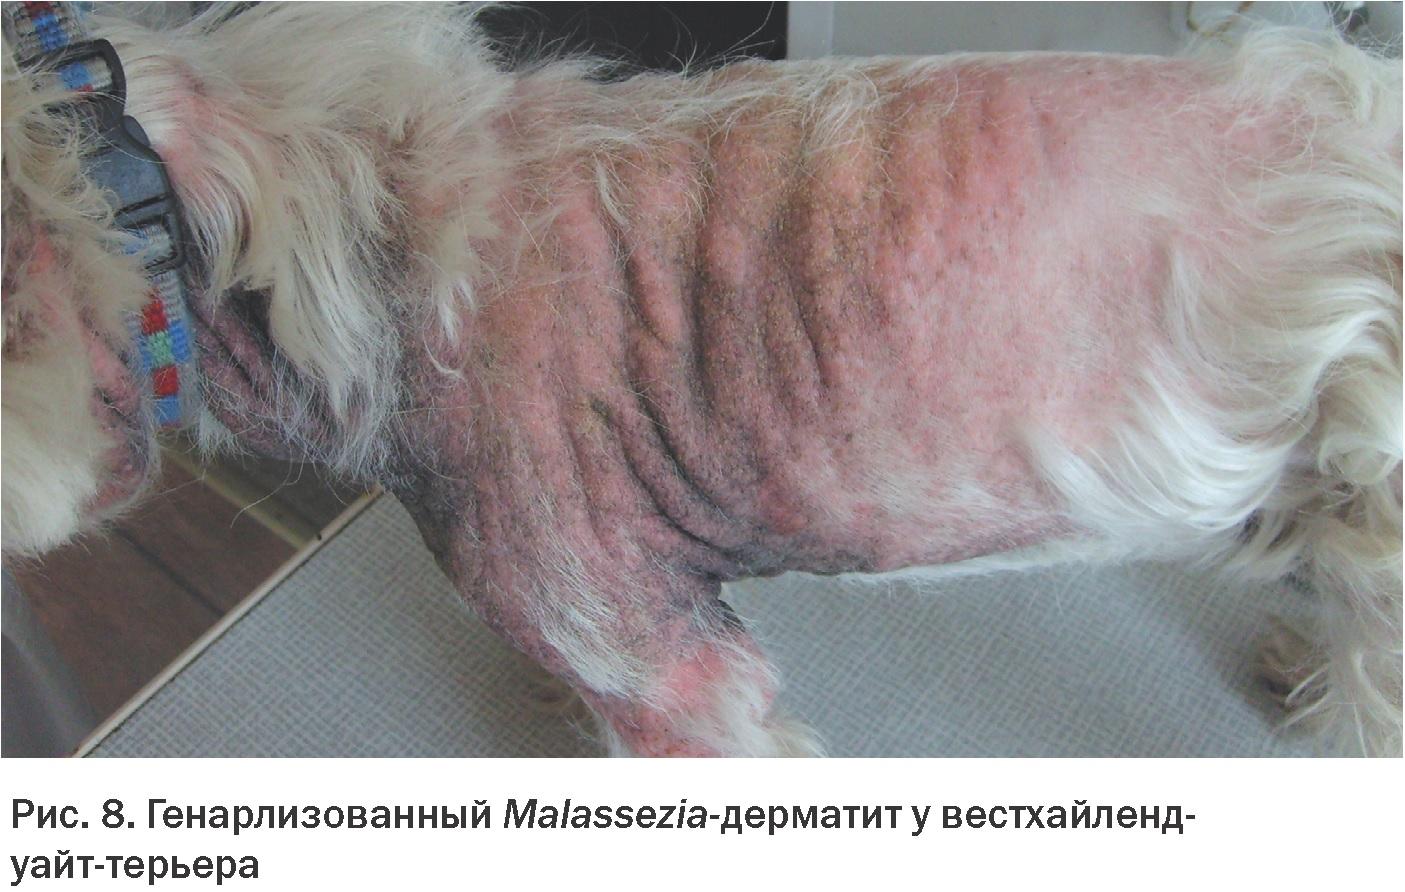 Передается ли рак от животнного